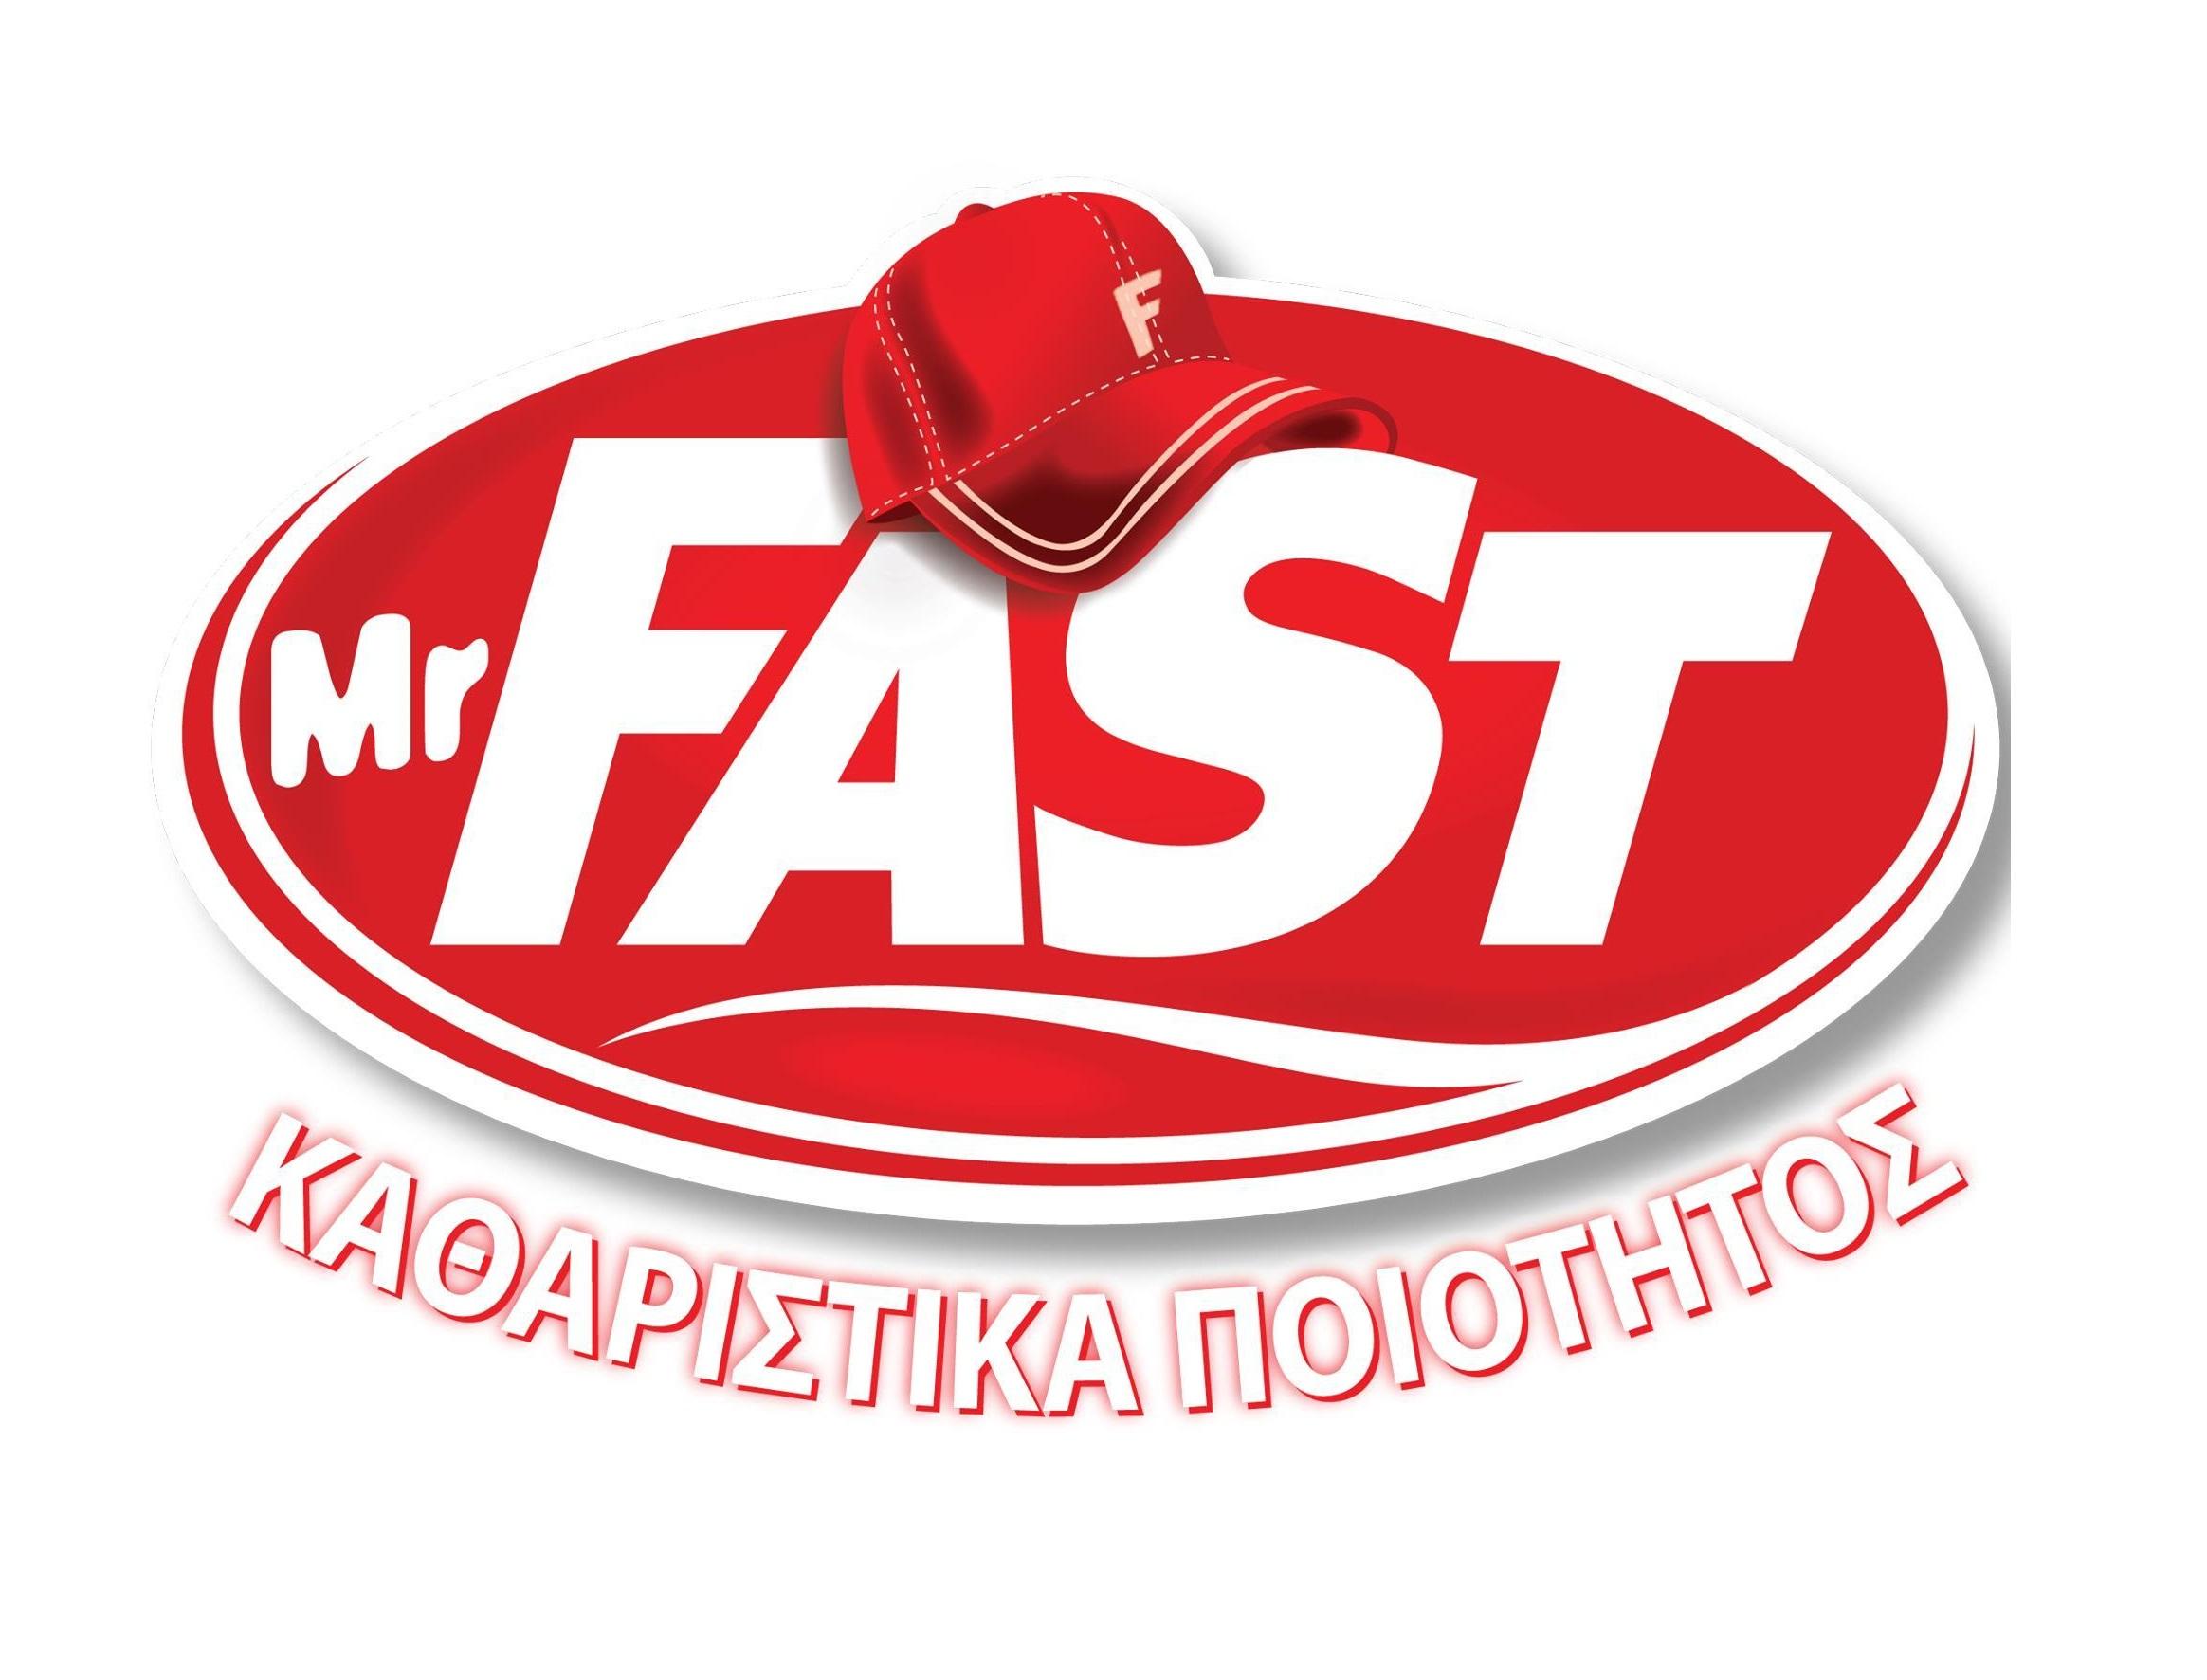 mrfast.jpg